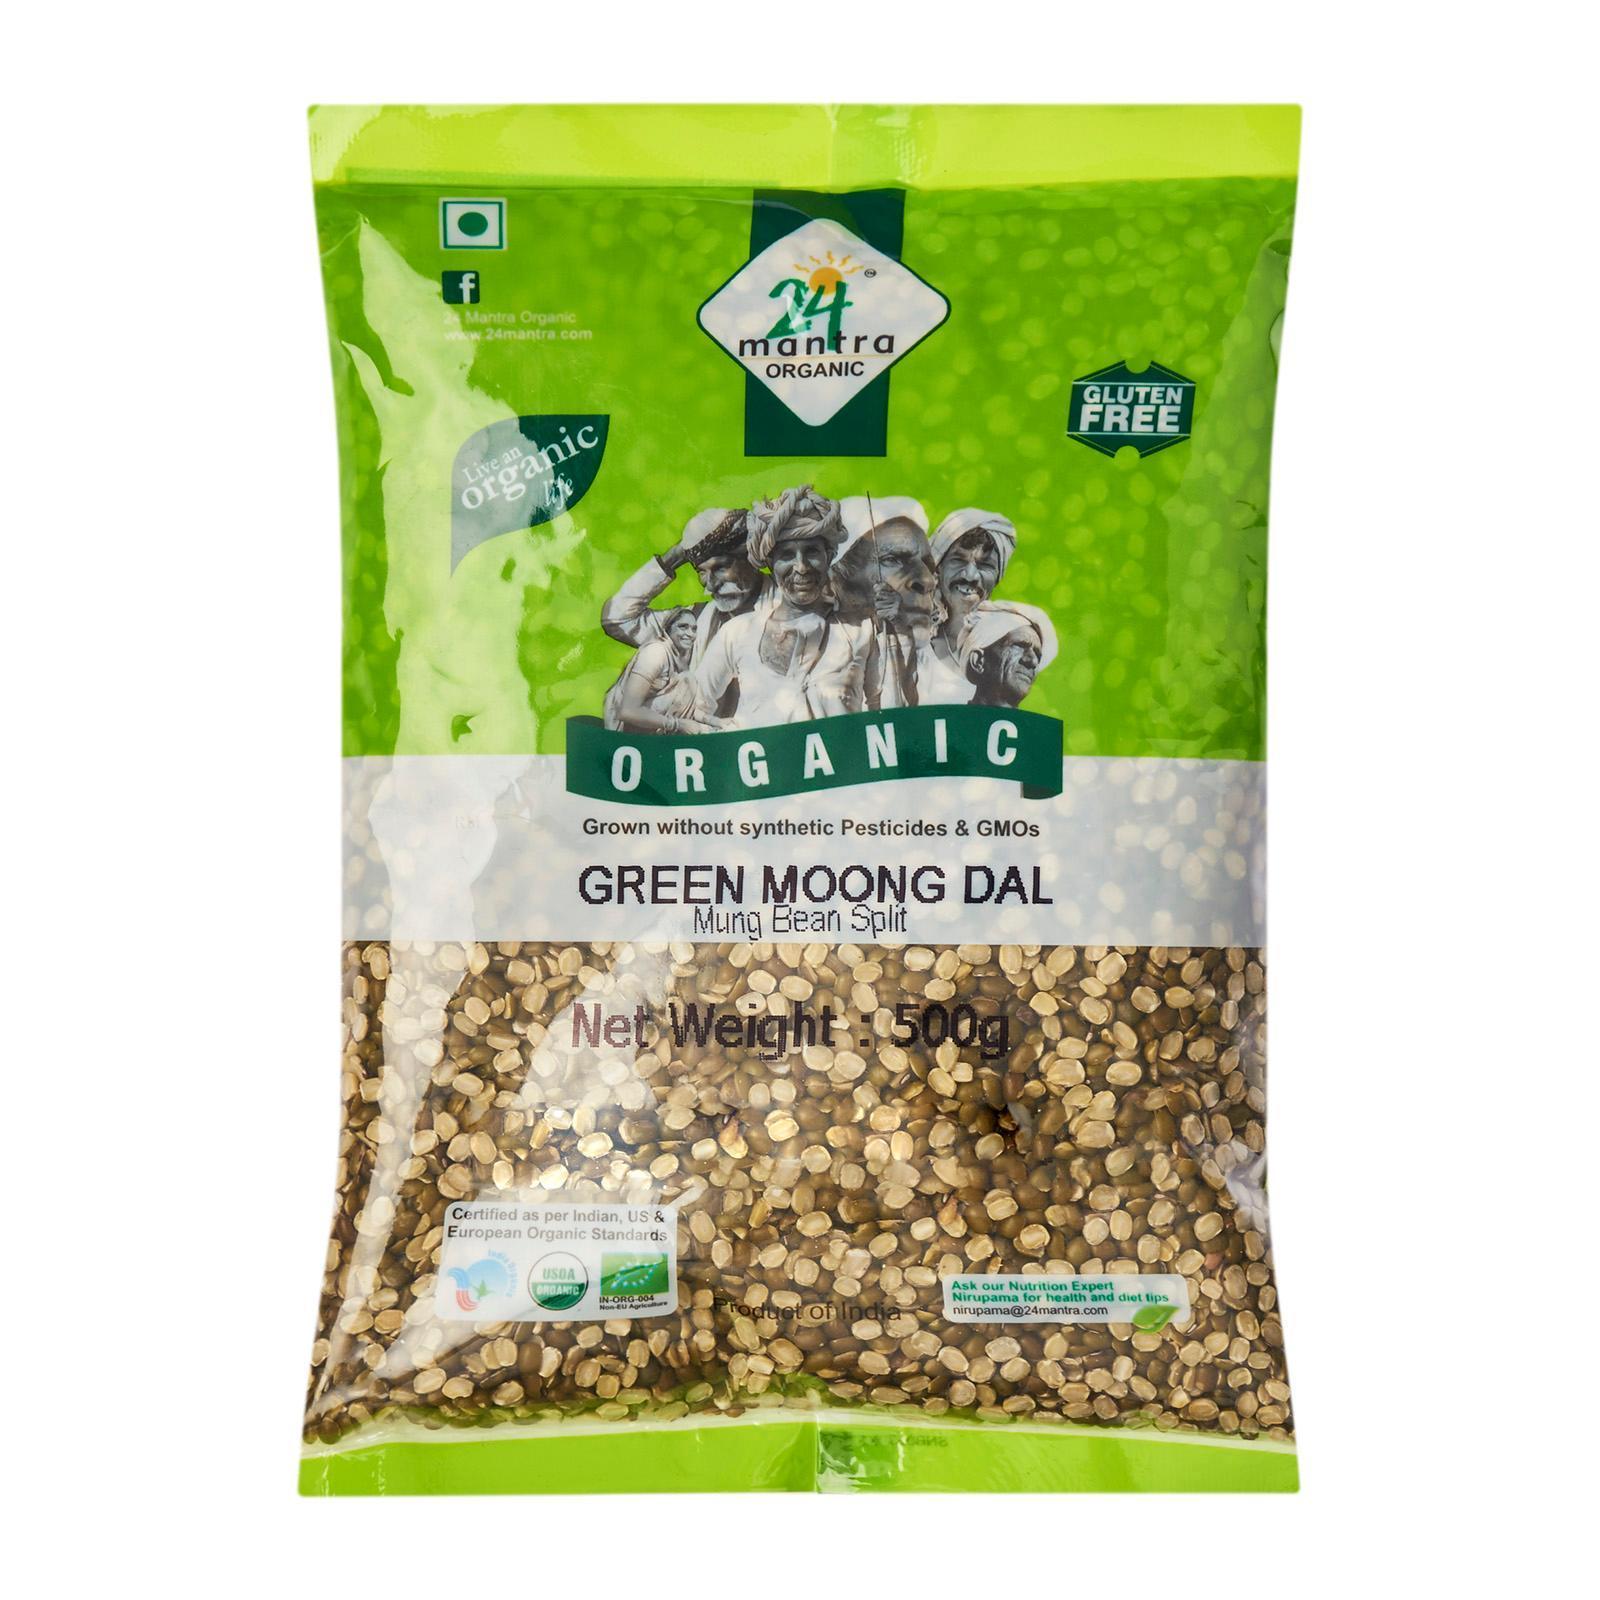 24 Mantra Organic Green Moong (Mung) Dal Split